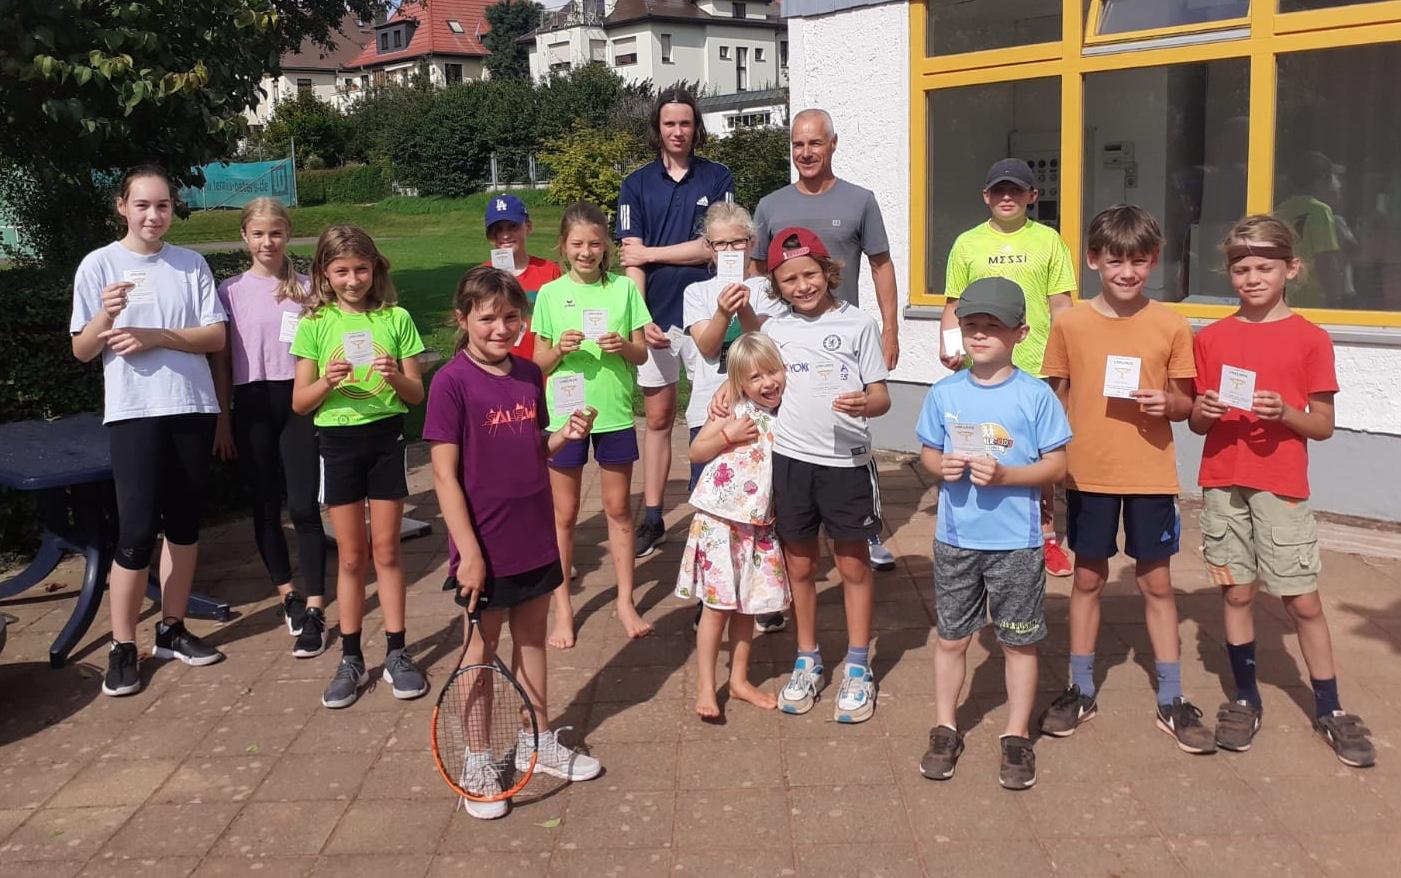 Gewinner des 4. vereinsinternen Kinder- und Jugendturniers 2021